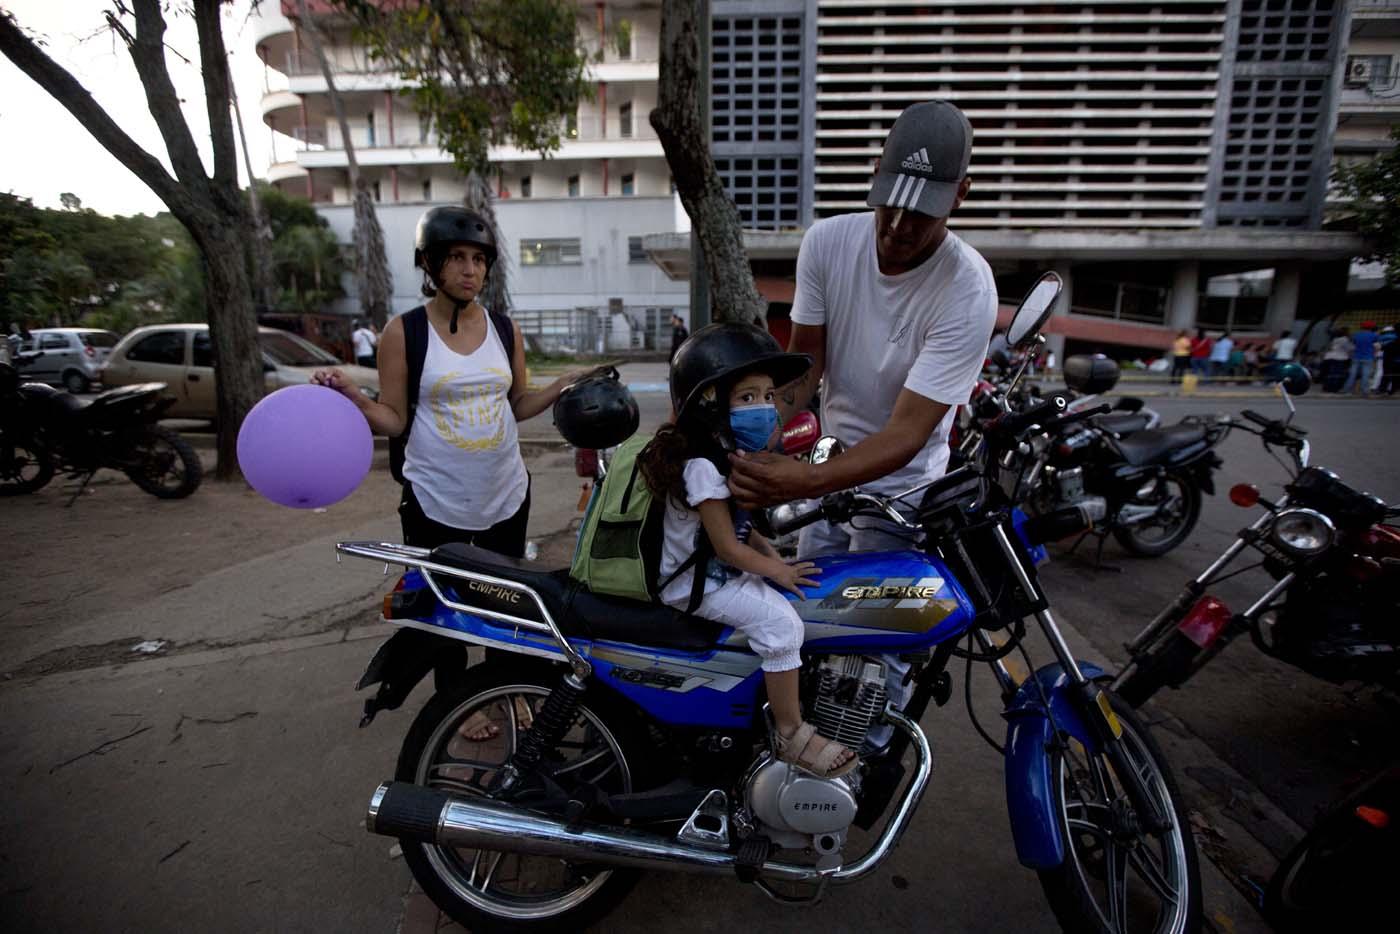 En esta imagen, tomada el 19 de septiembre de 2016, Maykol Pacheco, coloca un casco a su hija Ashley mientras se preparan para salir del hospital universitario de Caracas, Venezuela. Dos semanas después de sufrir un raspón en la rodilla, la niña se retorcía de dolor en la cama de un hospital. Le costaba respirar e imploraba a sus padres que le llevasen agua. (AP Foto/Fernando Llano)